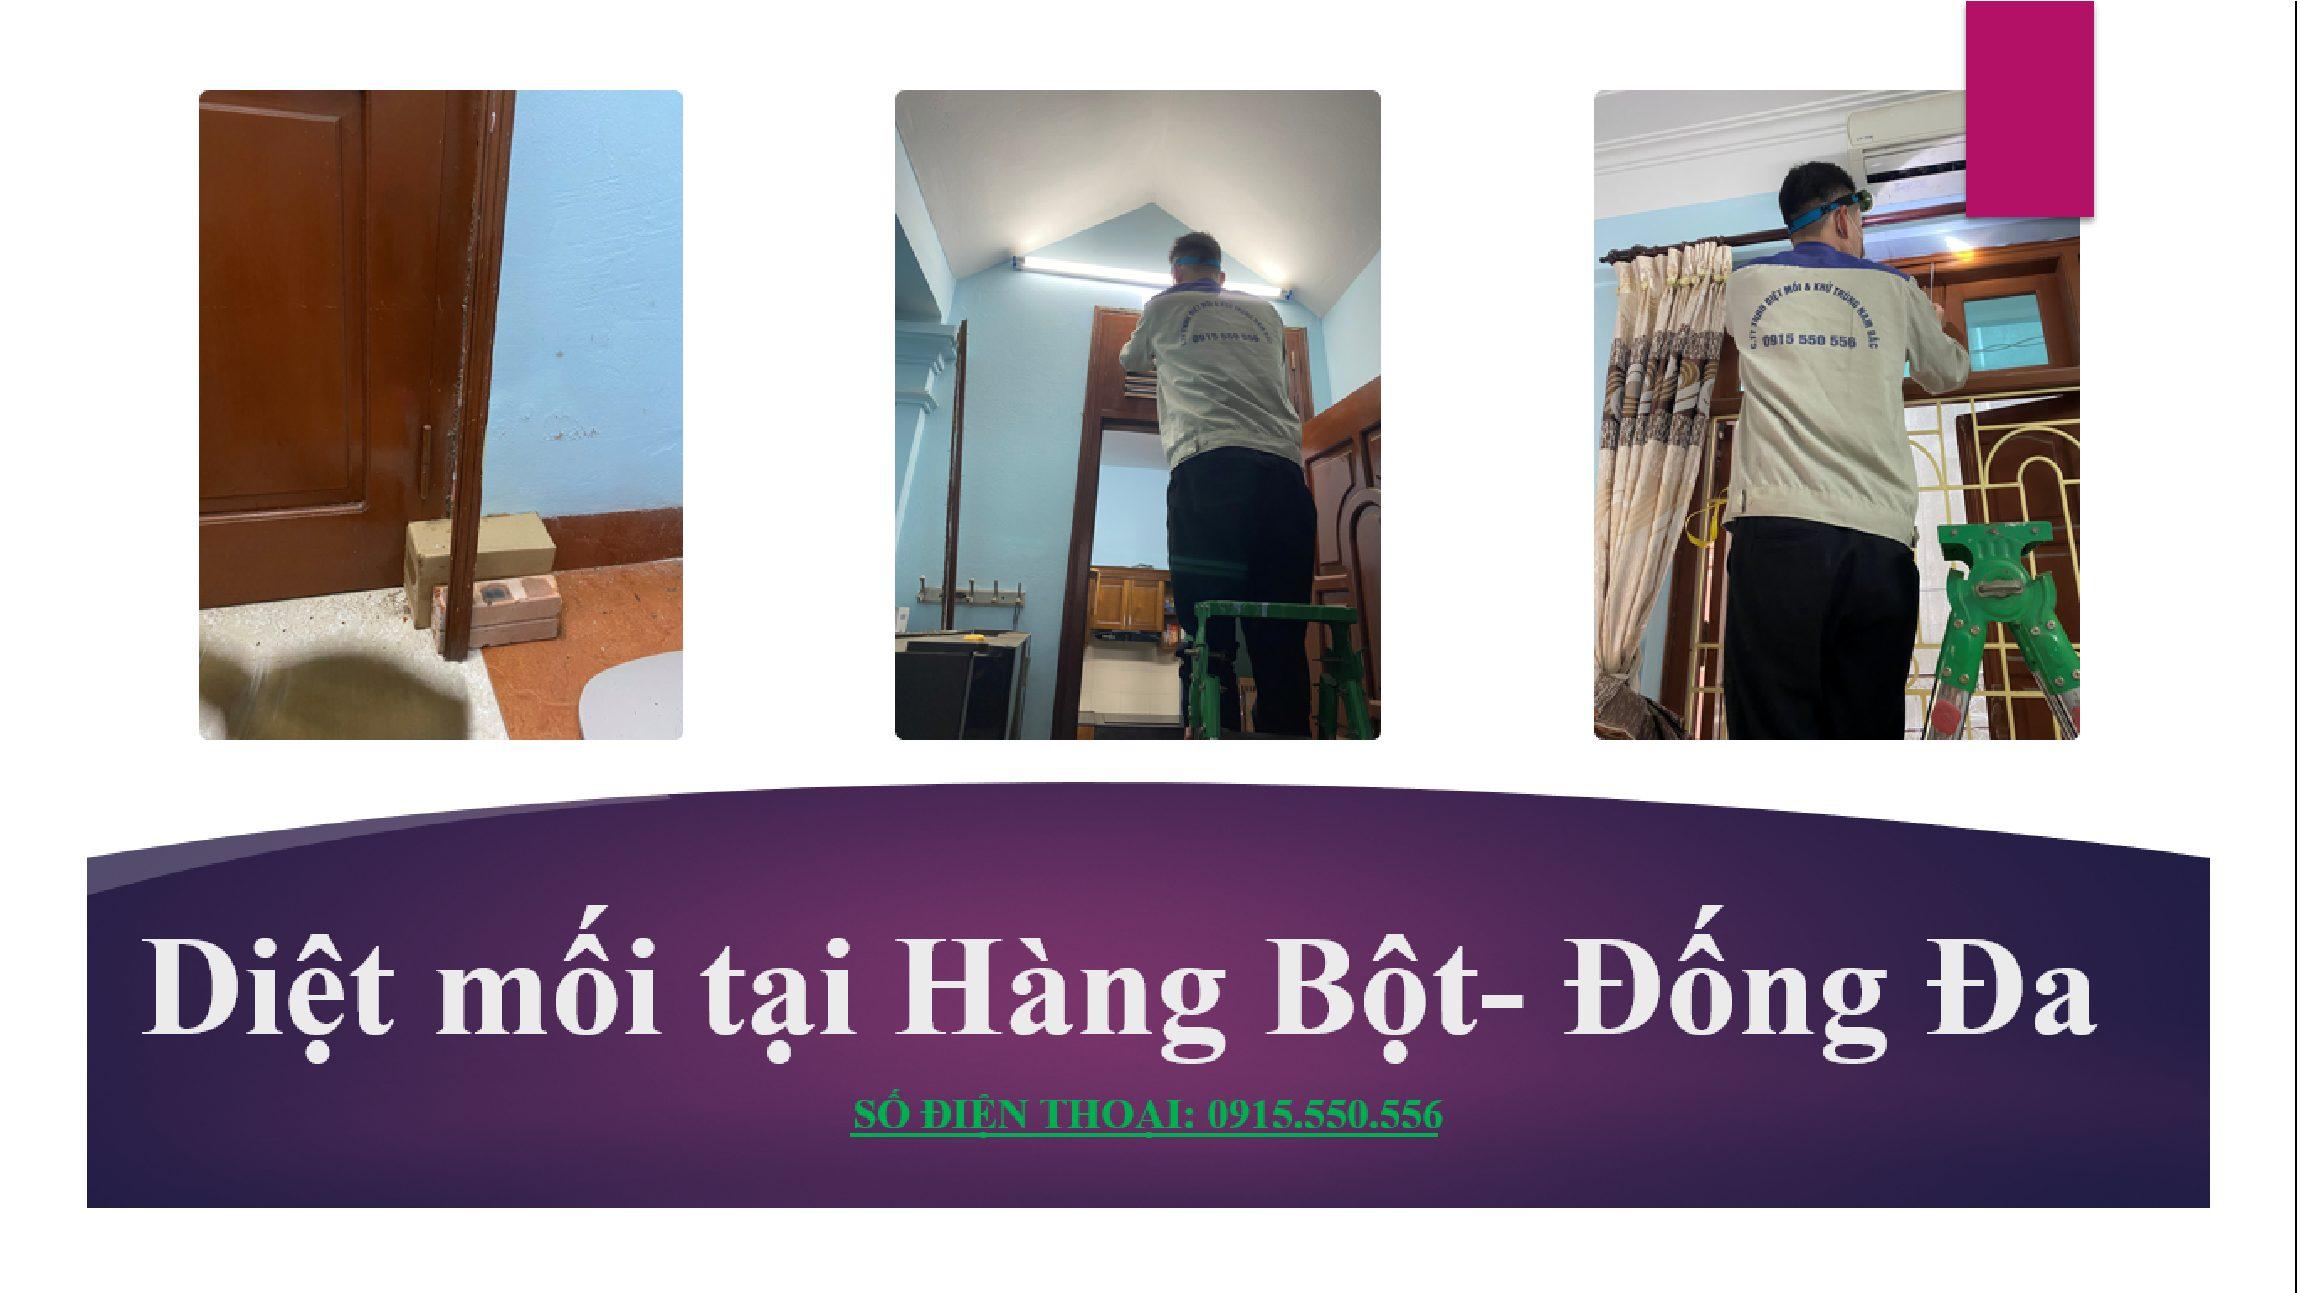 Diet-moi-tai-hang-bot